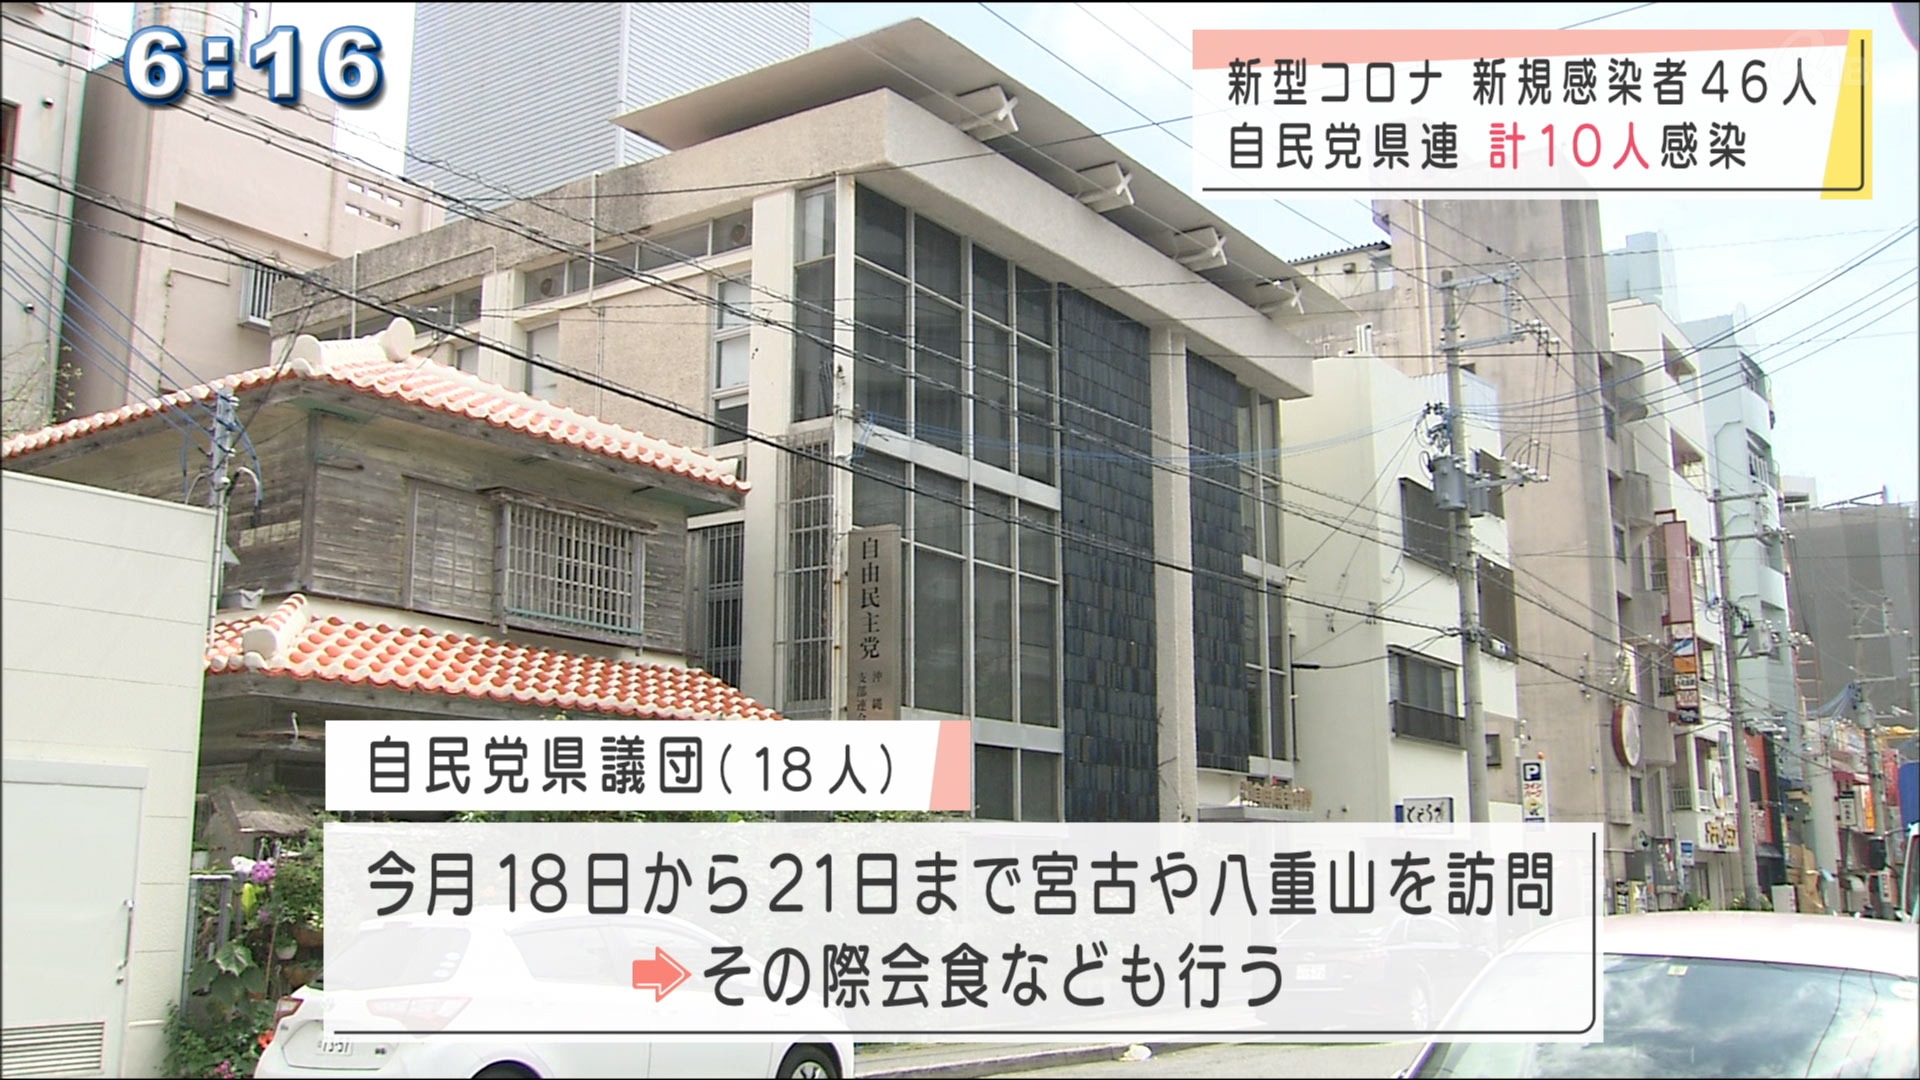 新型コロナ1人死亡・46人感染 県議も10人感染